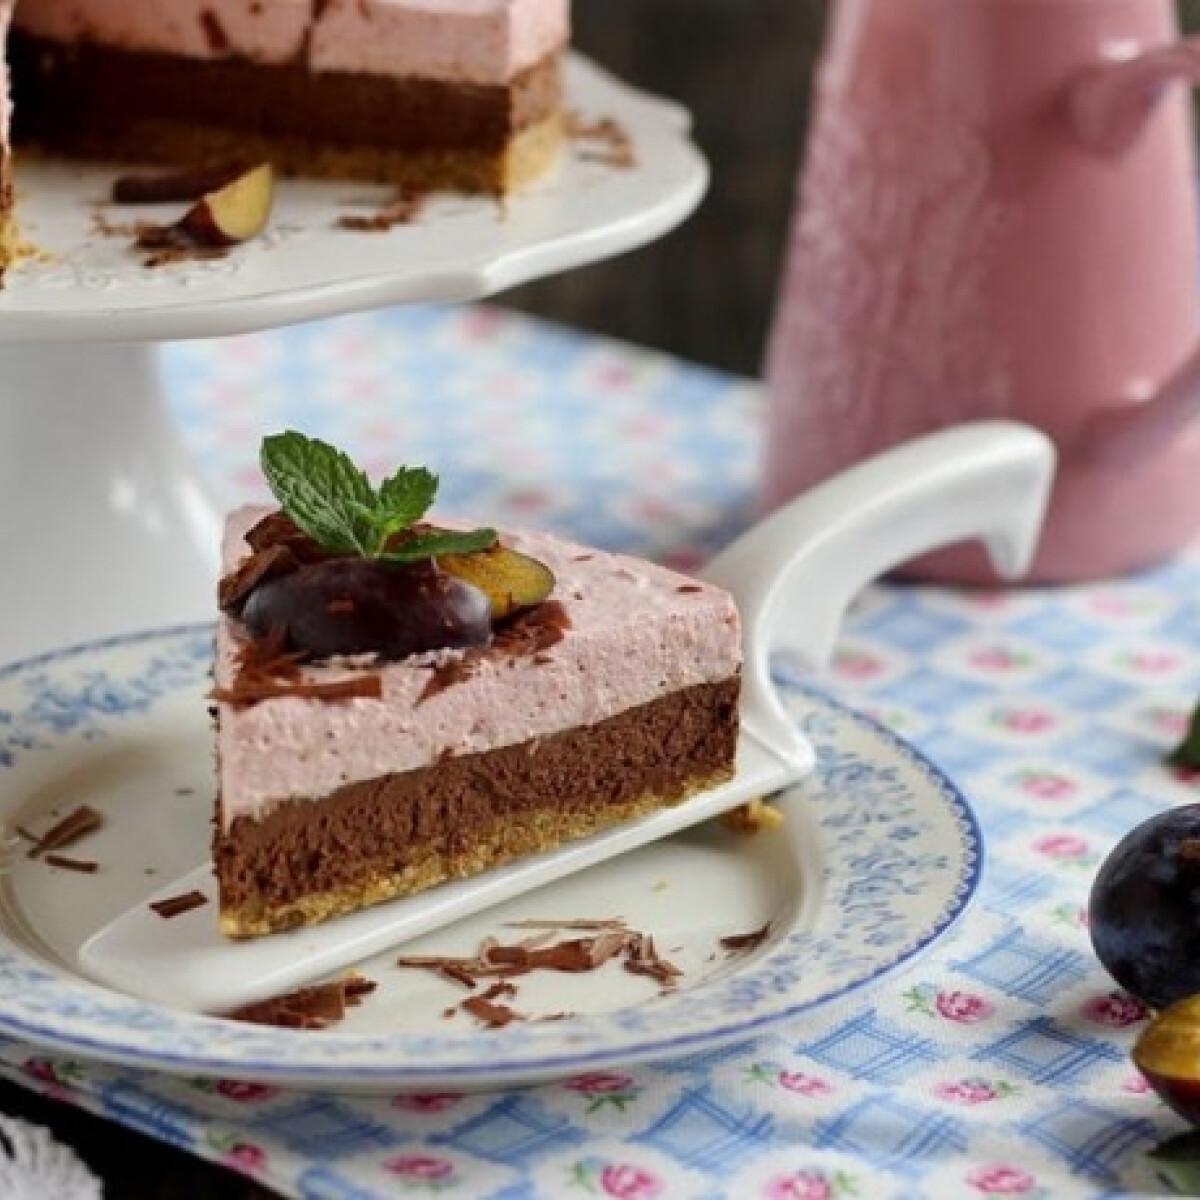 Ezen a képen: Csokoládés szilvás mousse torta